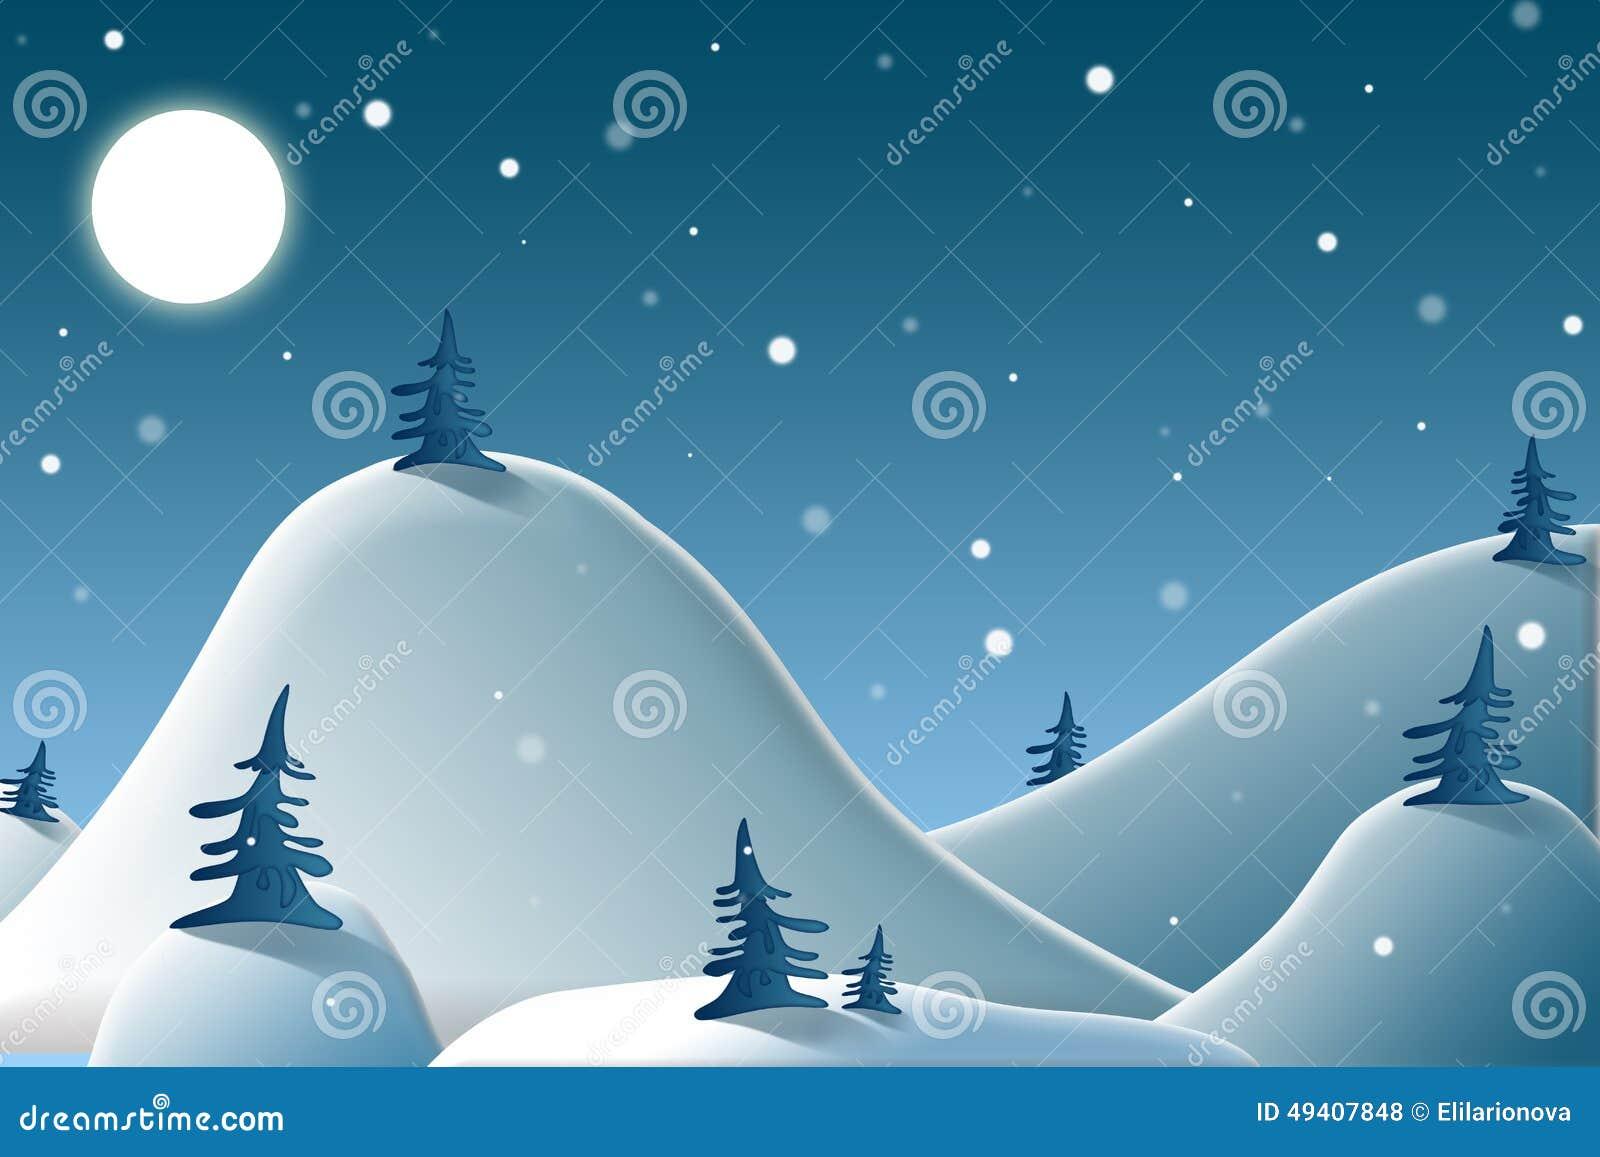 Download Winternacht in den Bergen stock abbildung. Illustration von schönheit - 49407848